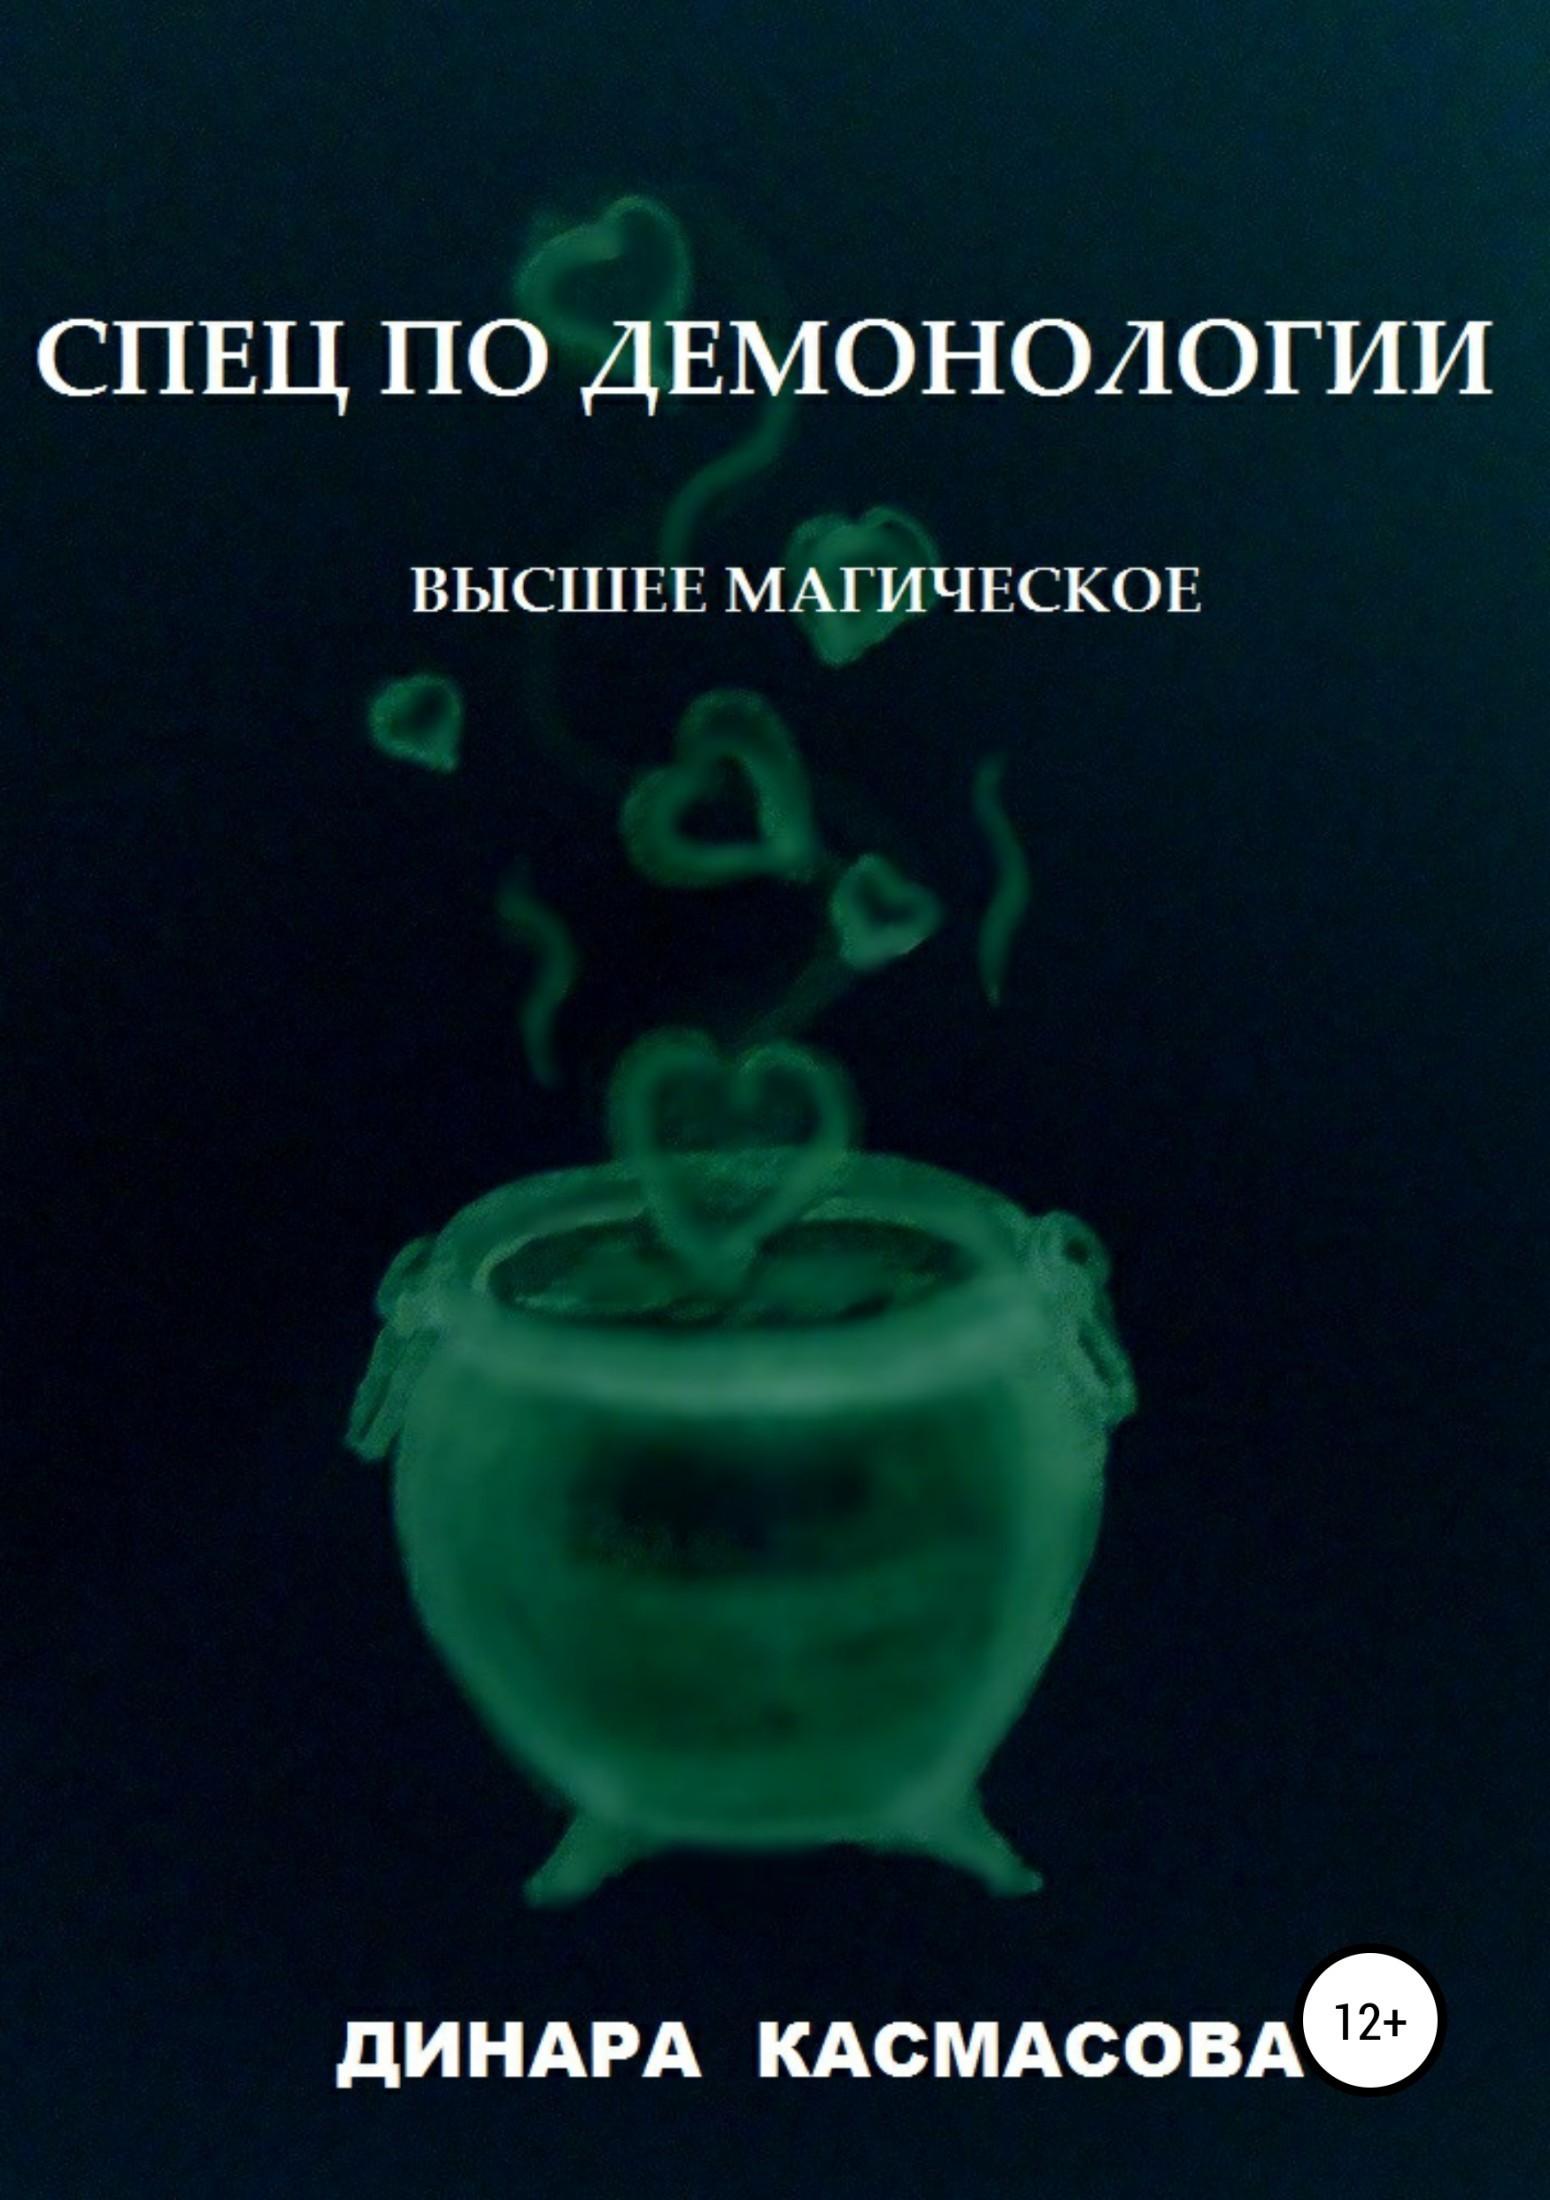 Динара Касмасова - Спец по демонологии. Высшее магическое